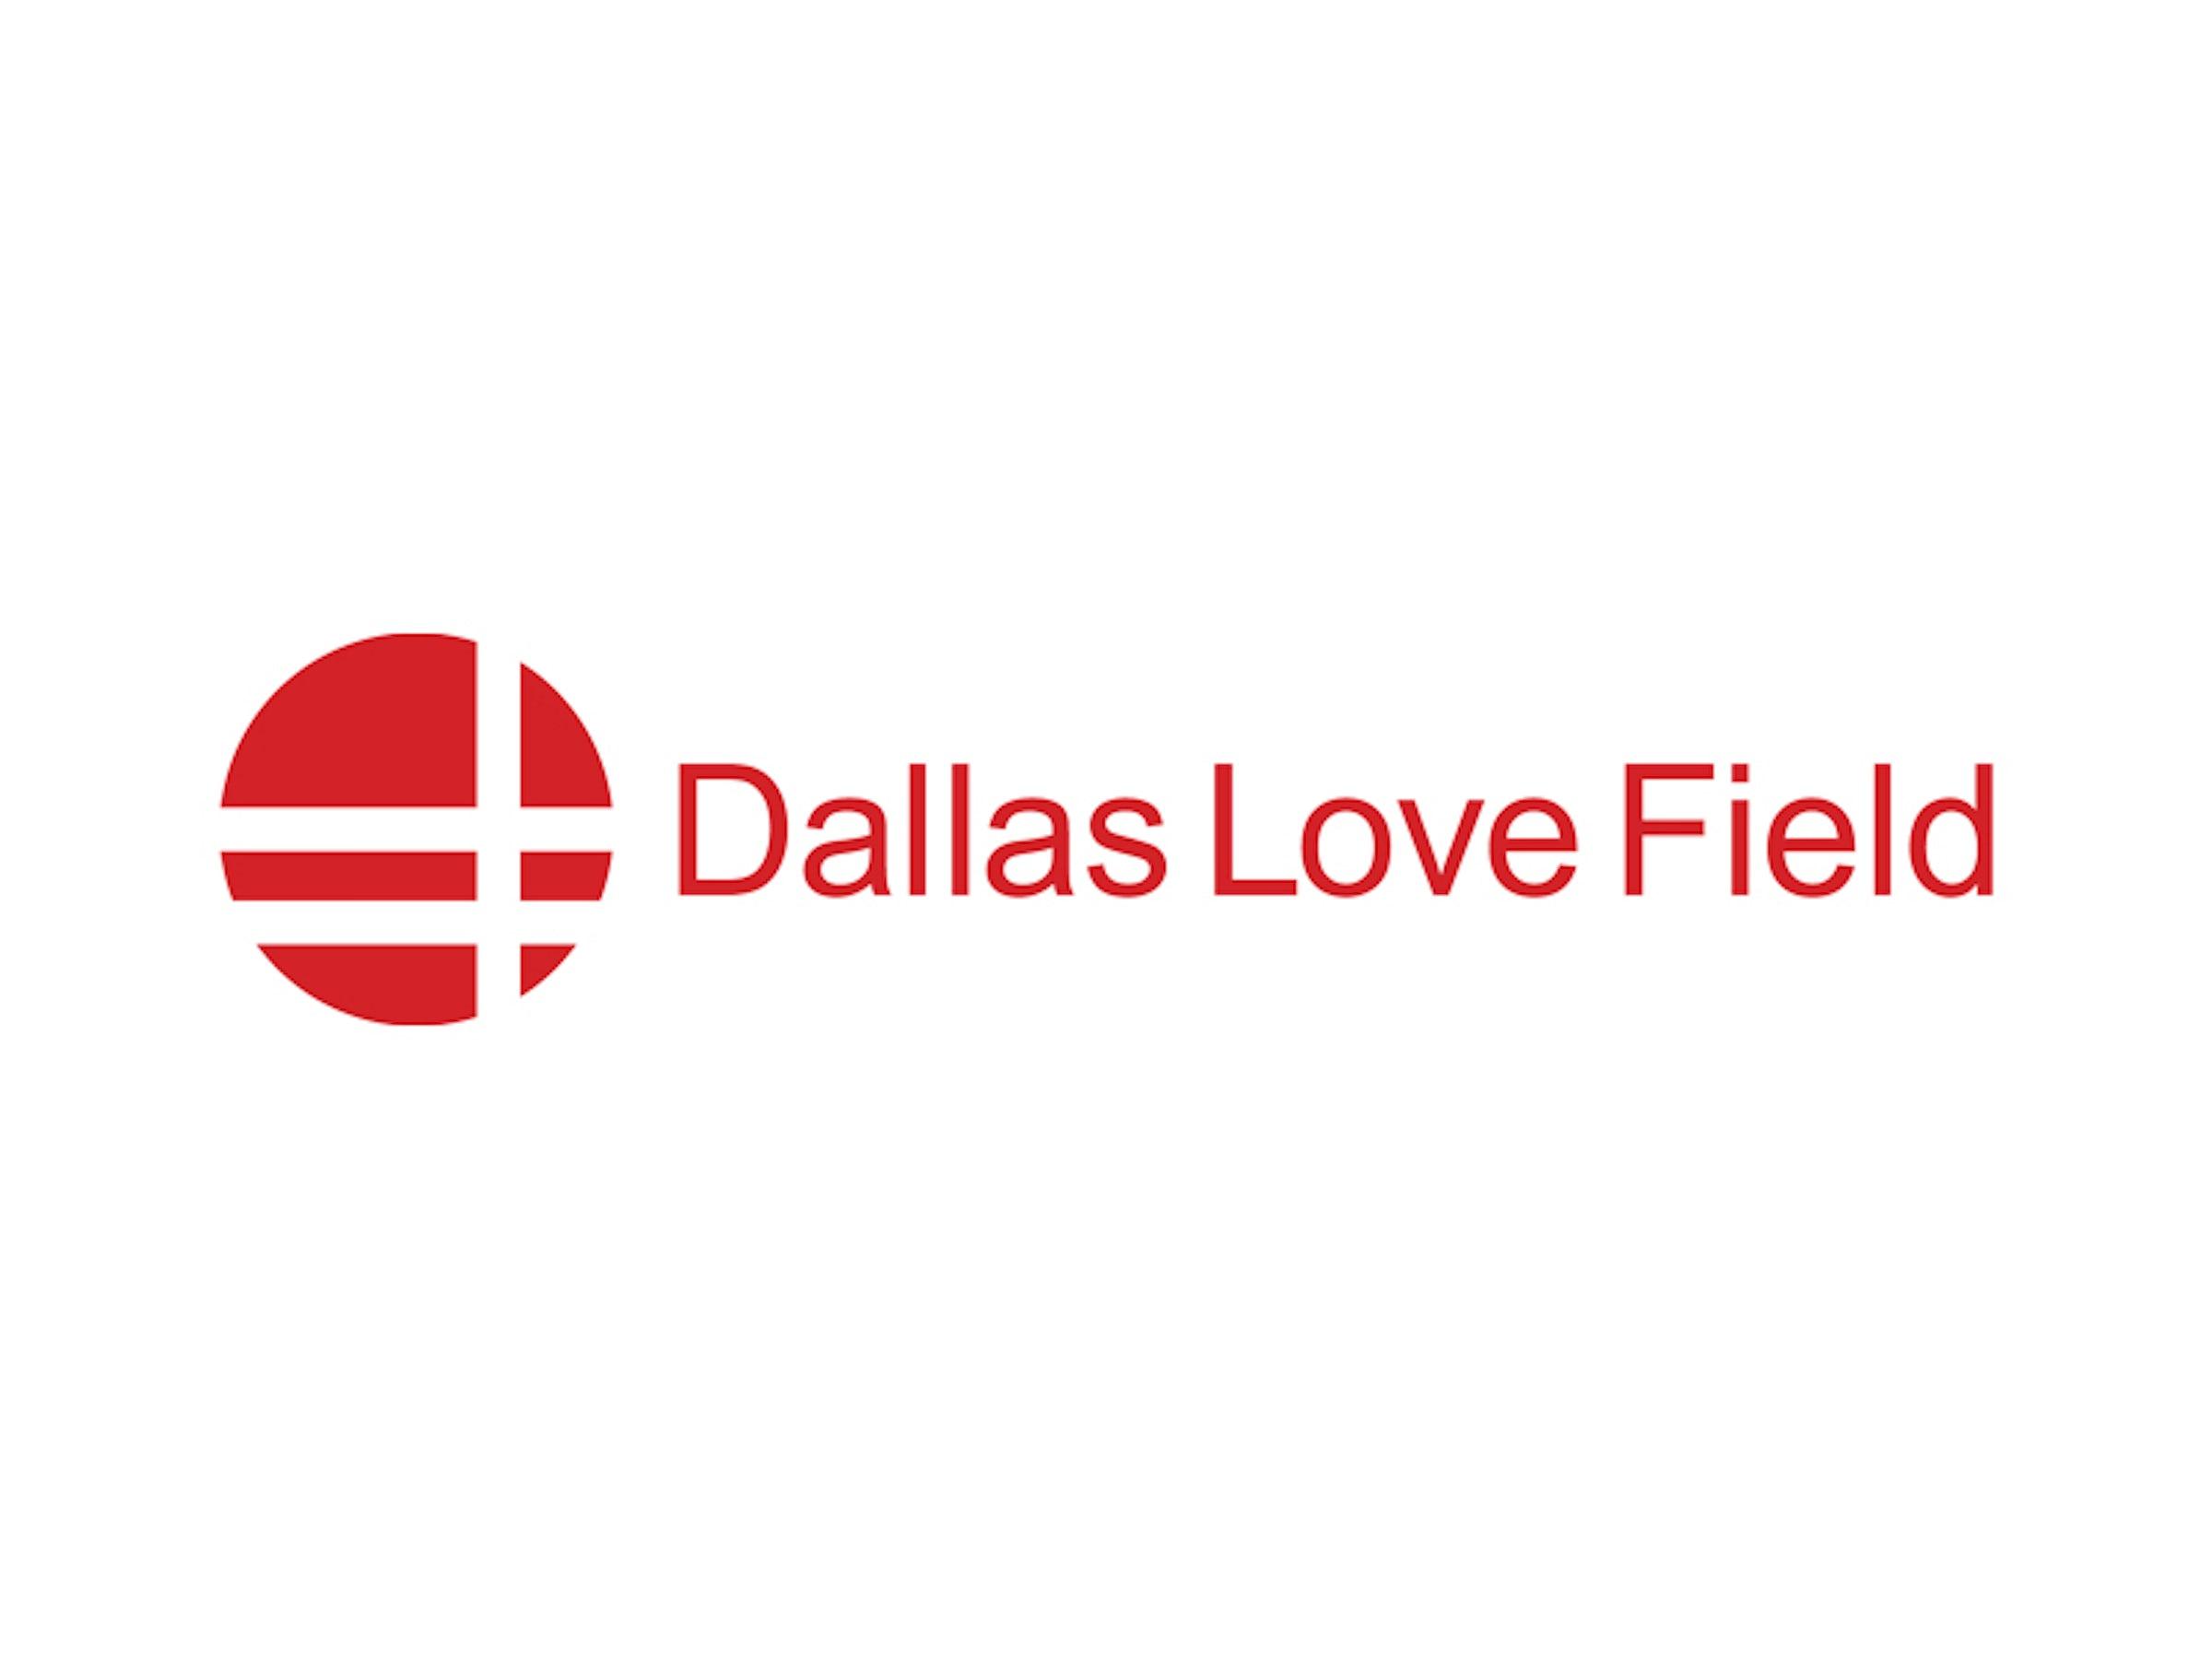 Dallas Love Field Airport in Beyond Dallas